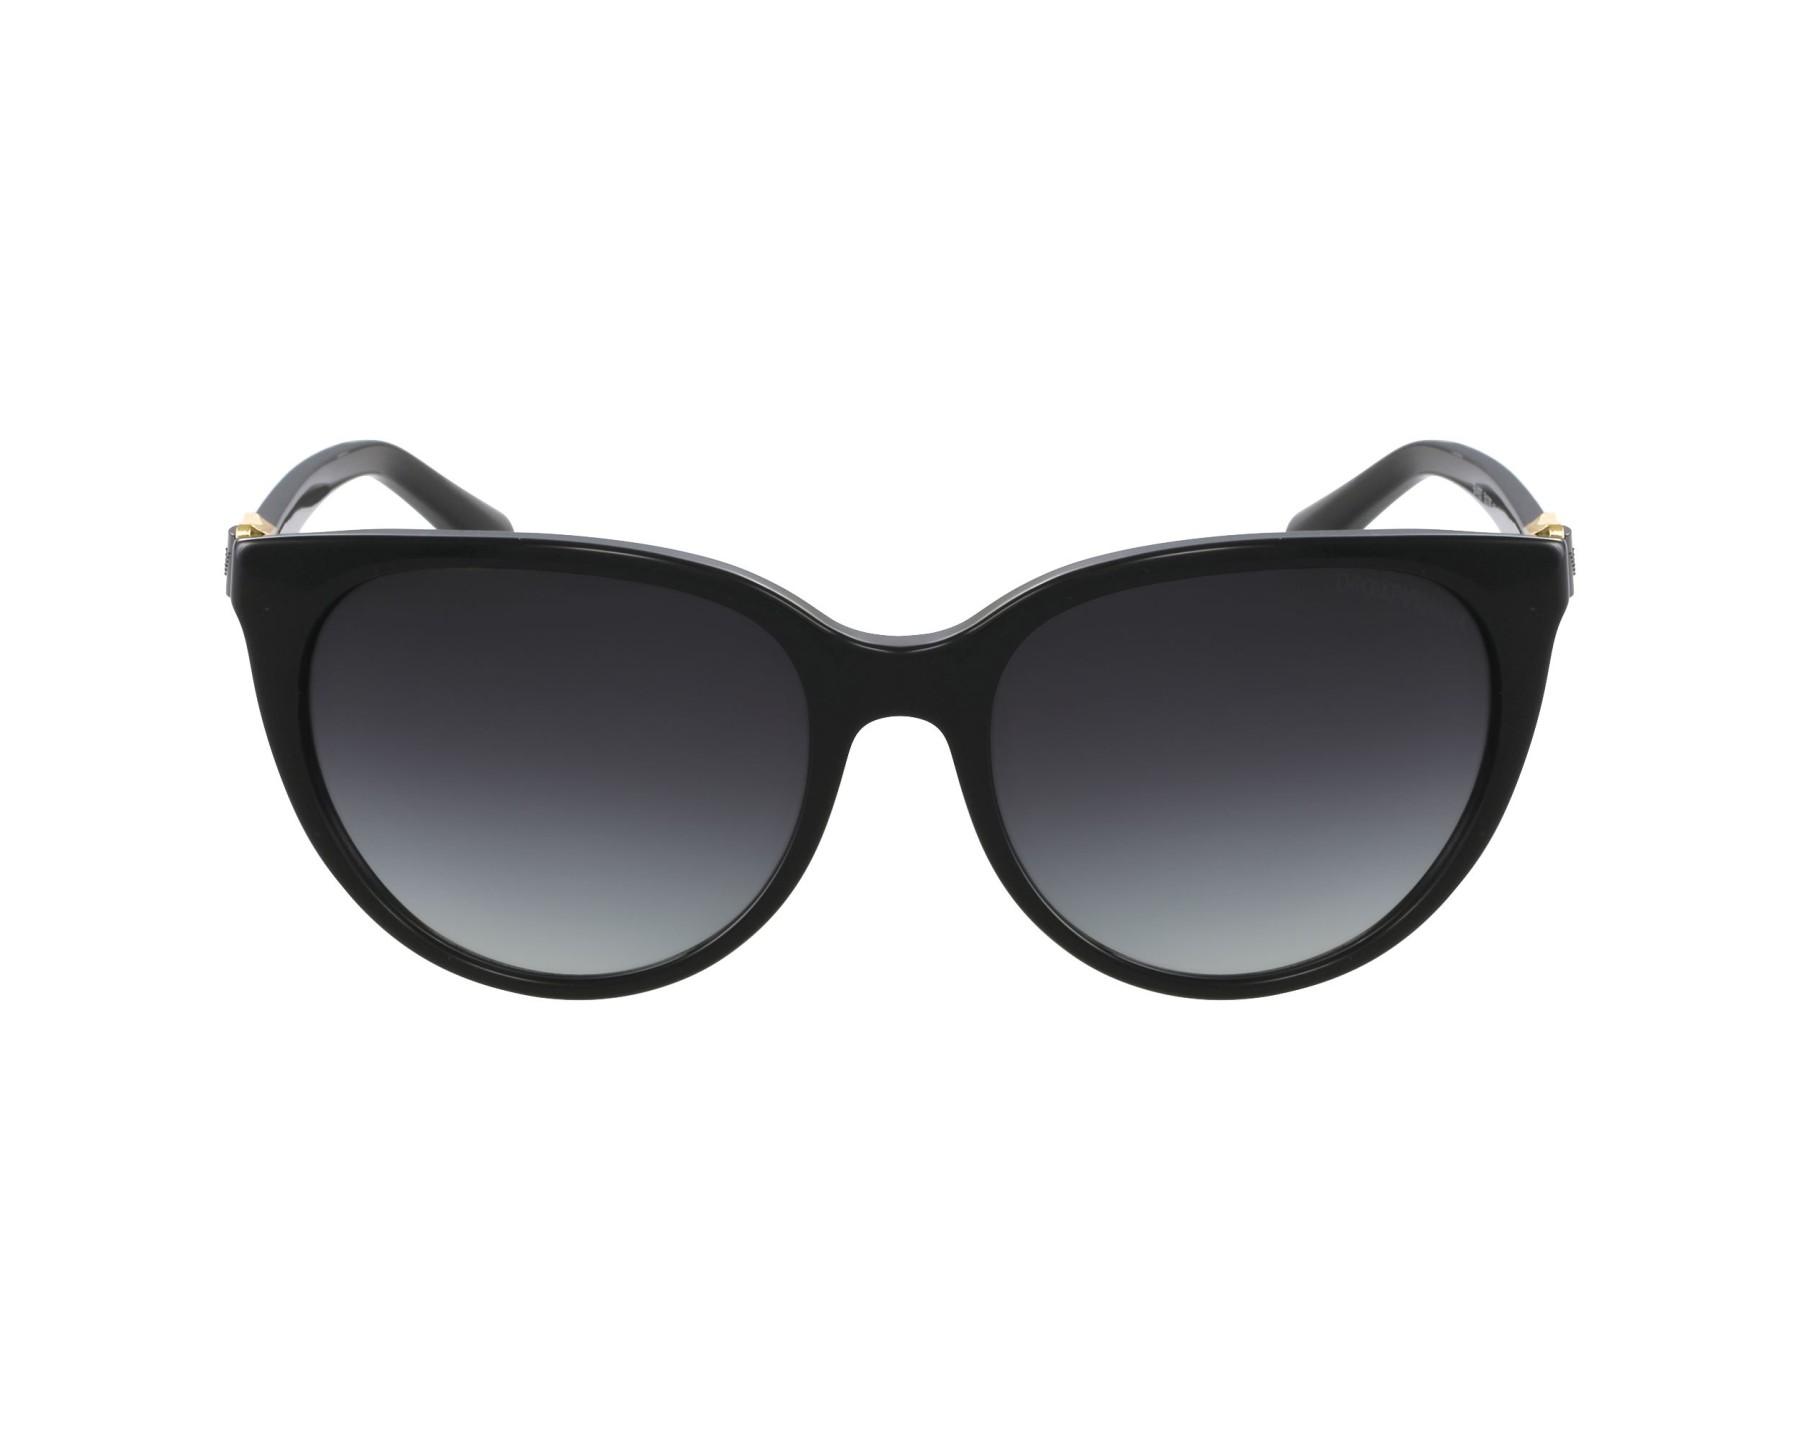 Sunglasses Emporio Armani EA-4057 5017 8G - Black profile view abf9226afa